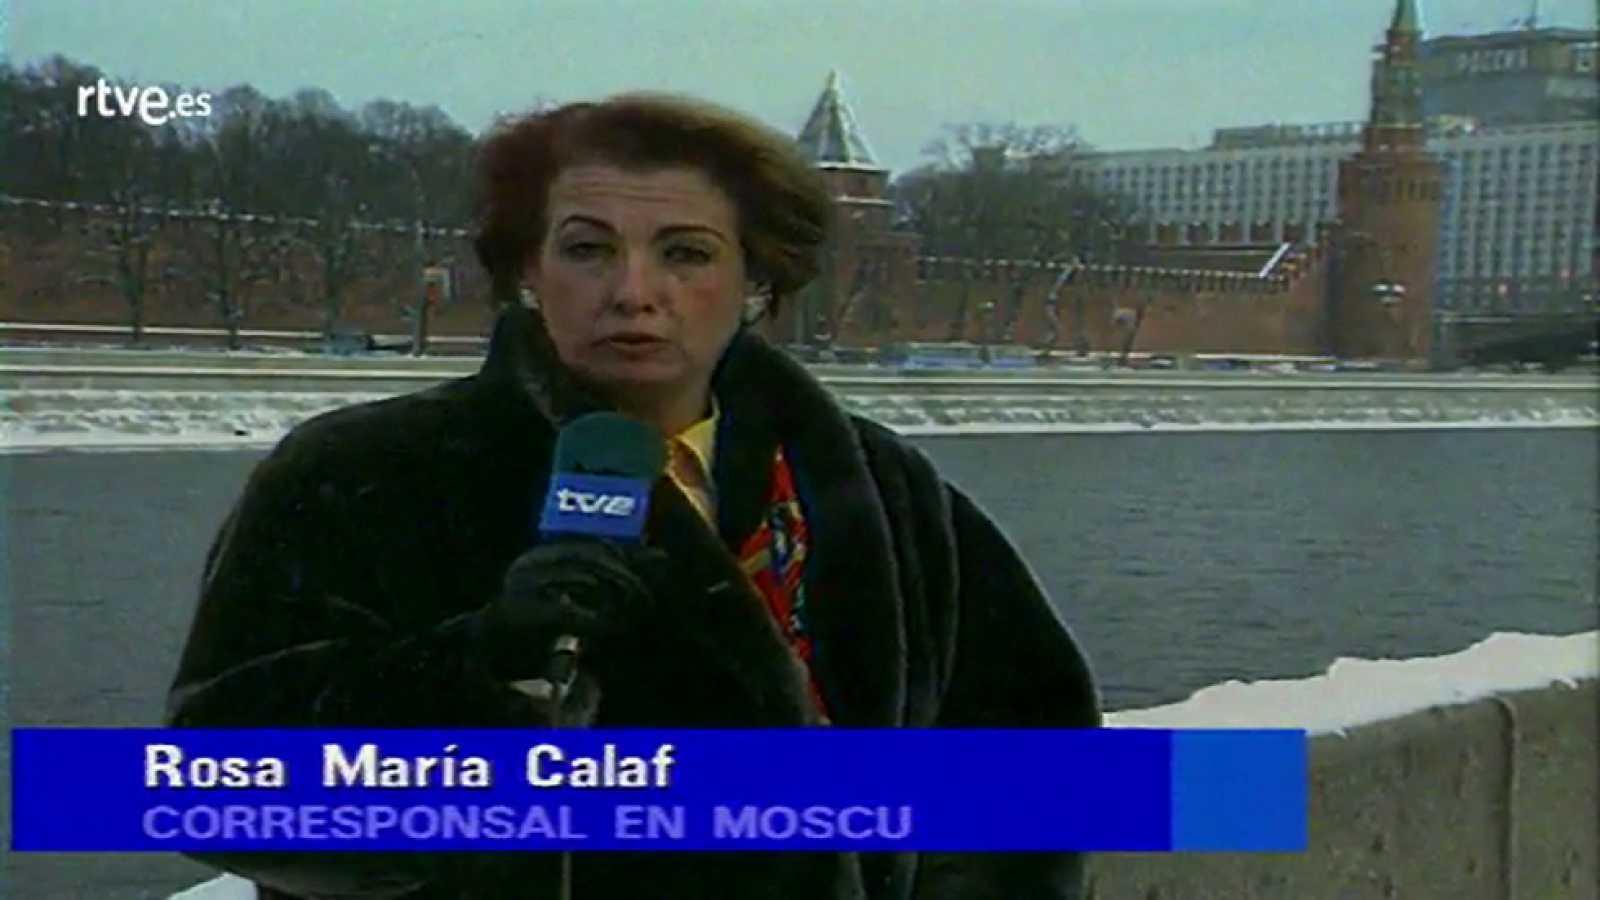 Inocentada: Yeltsin era de Ronda